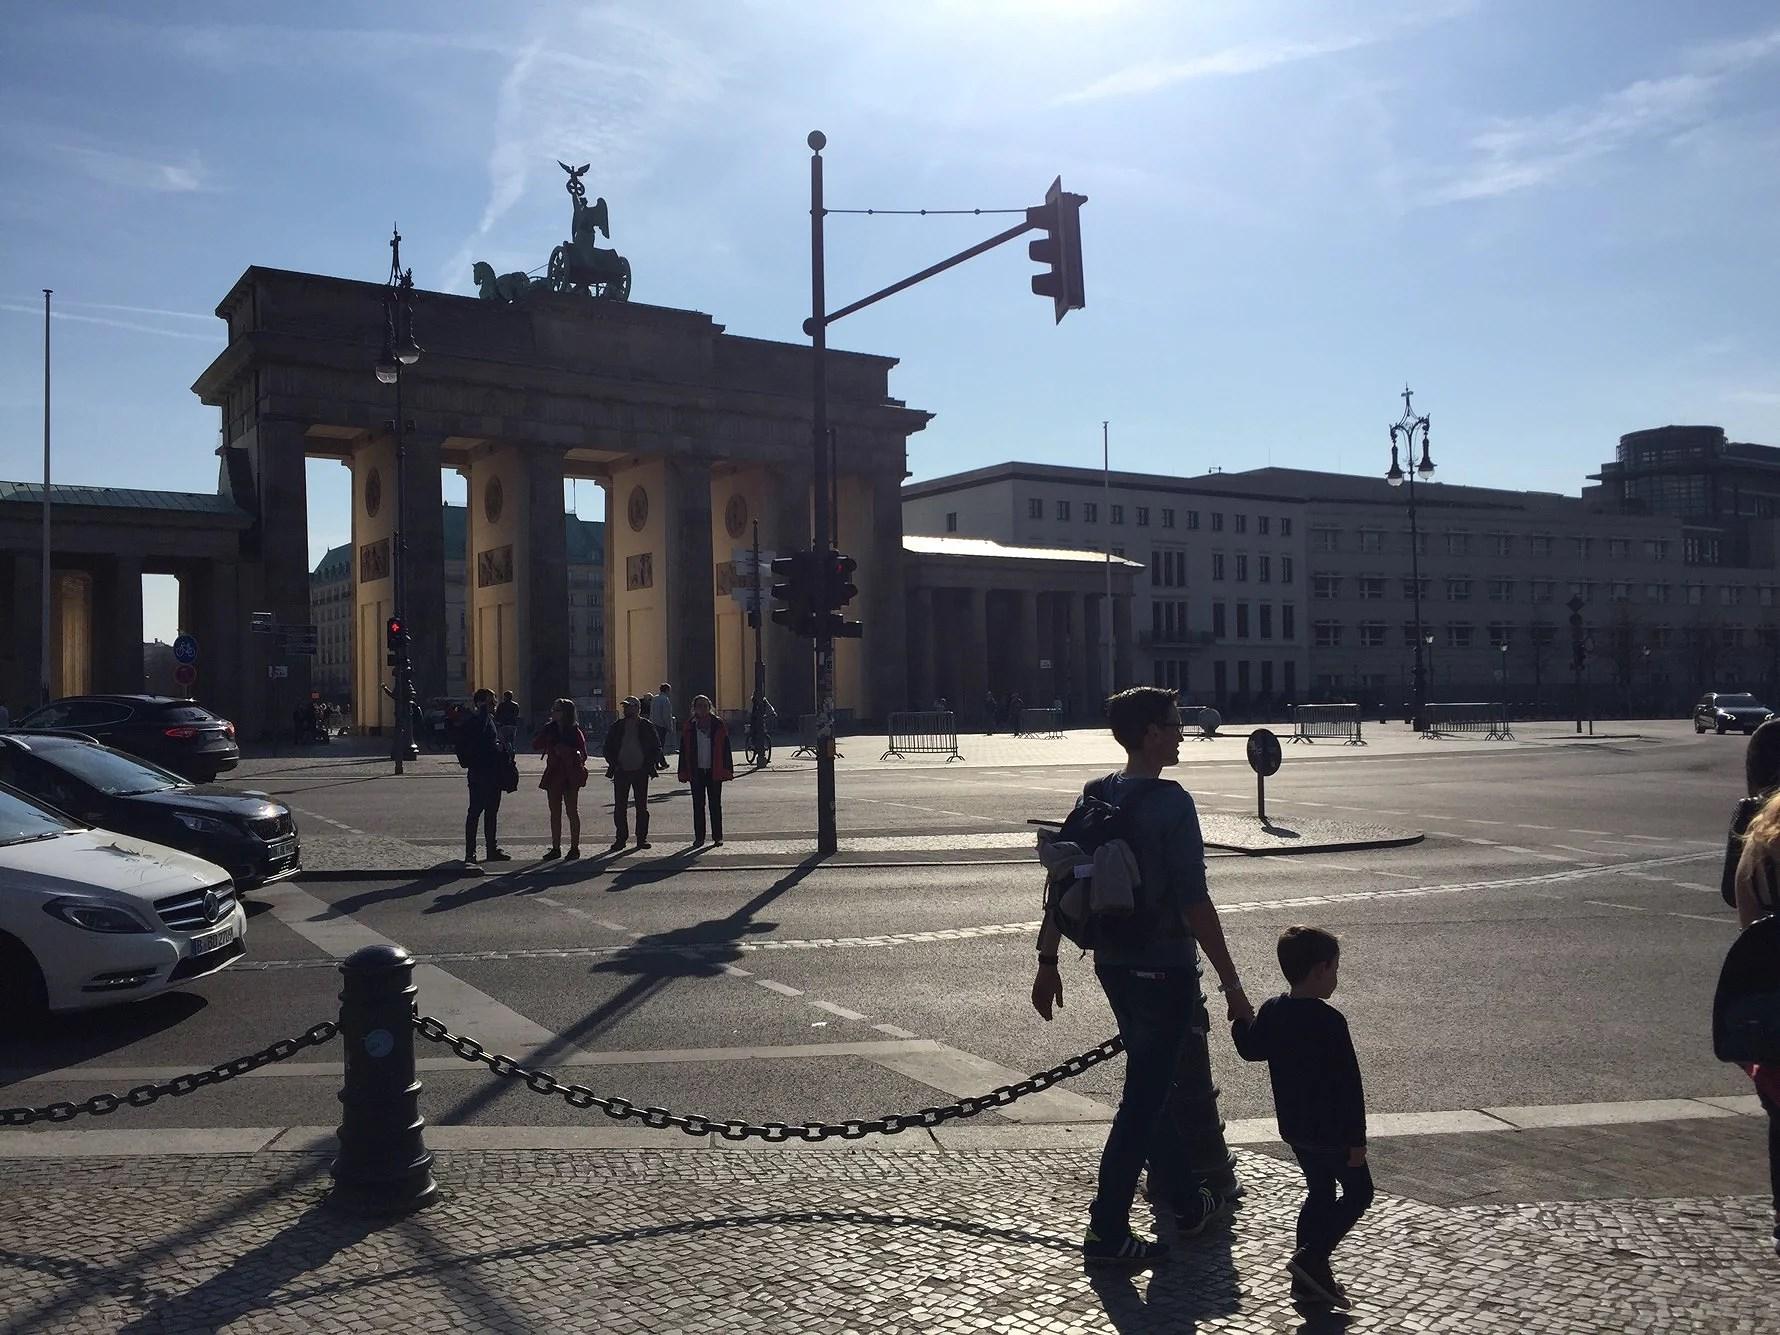 Berlin day 3